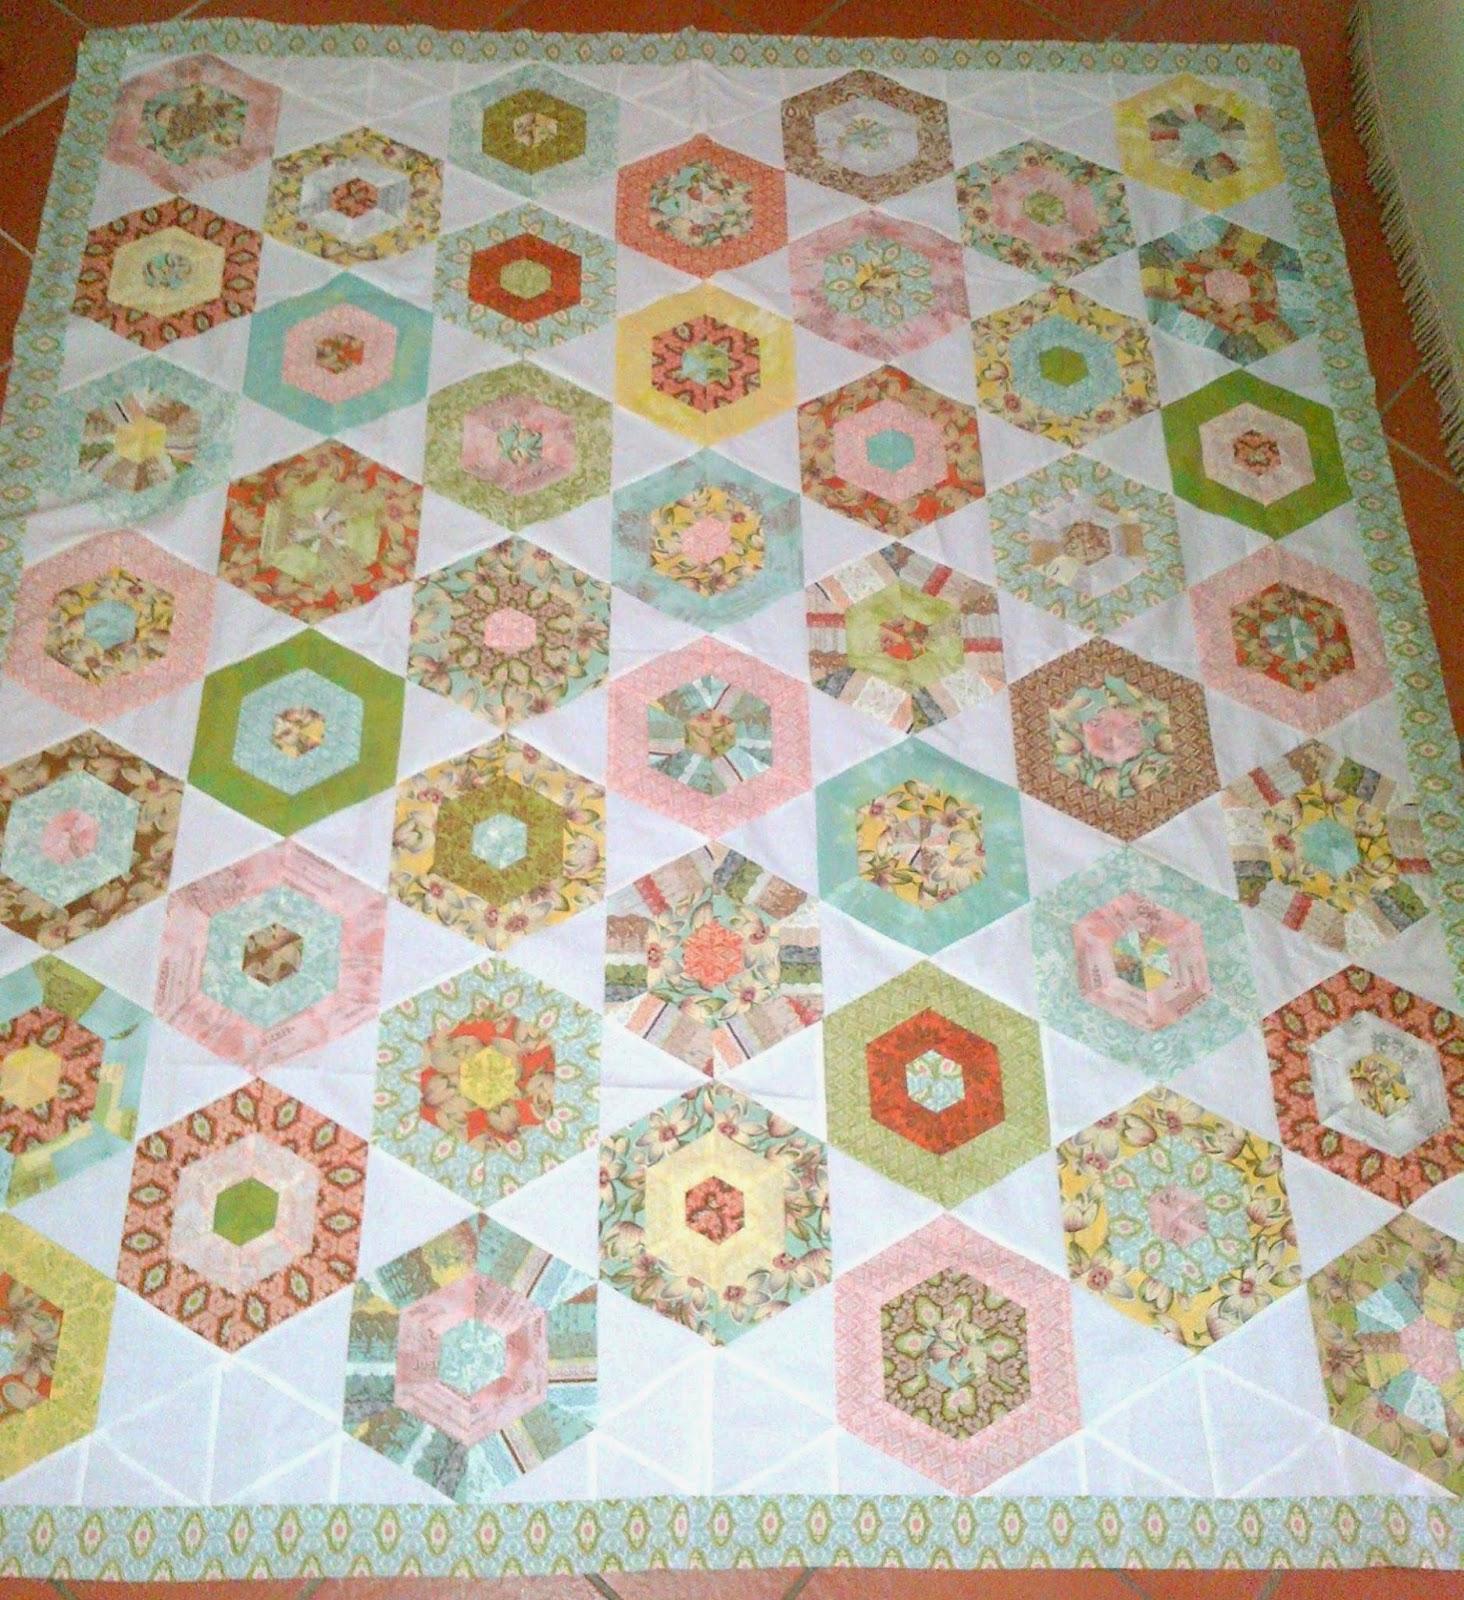 Cape Pincushion Curio Jelly Roll Hexagon Quilt Tutorial